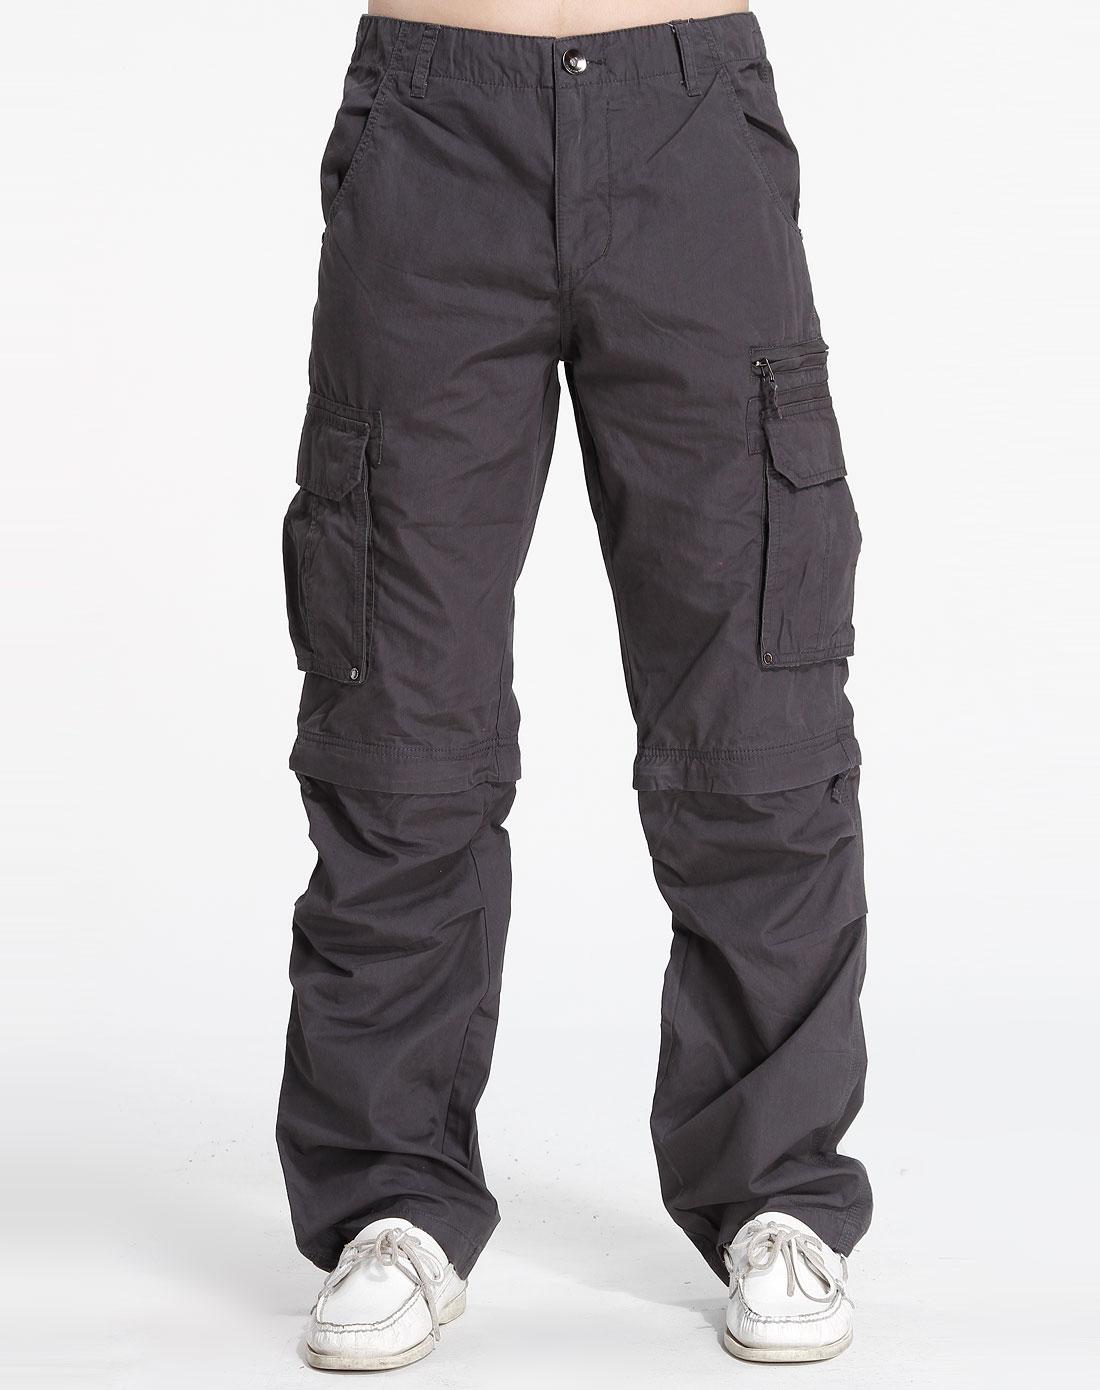 森马-男装深灰色双侧袋休闲长裤041141010-200图片